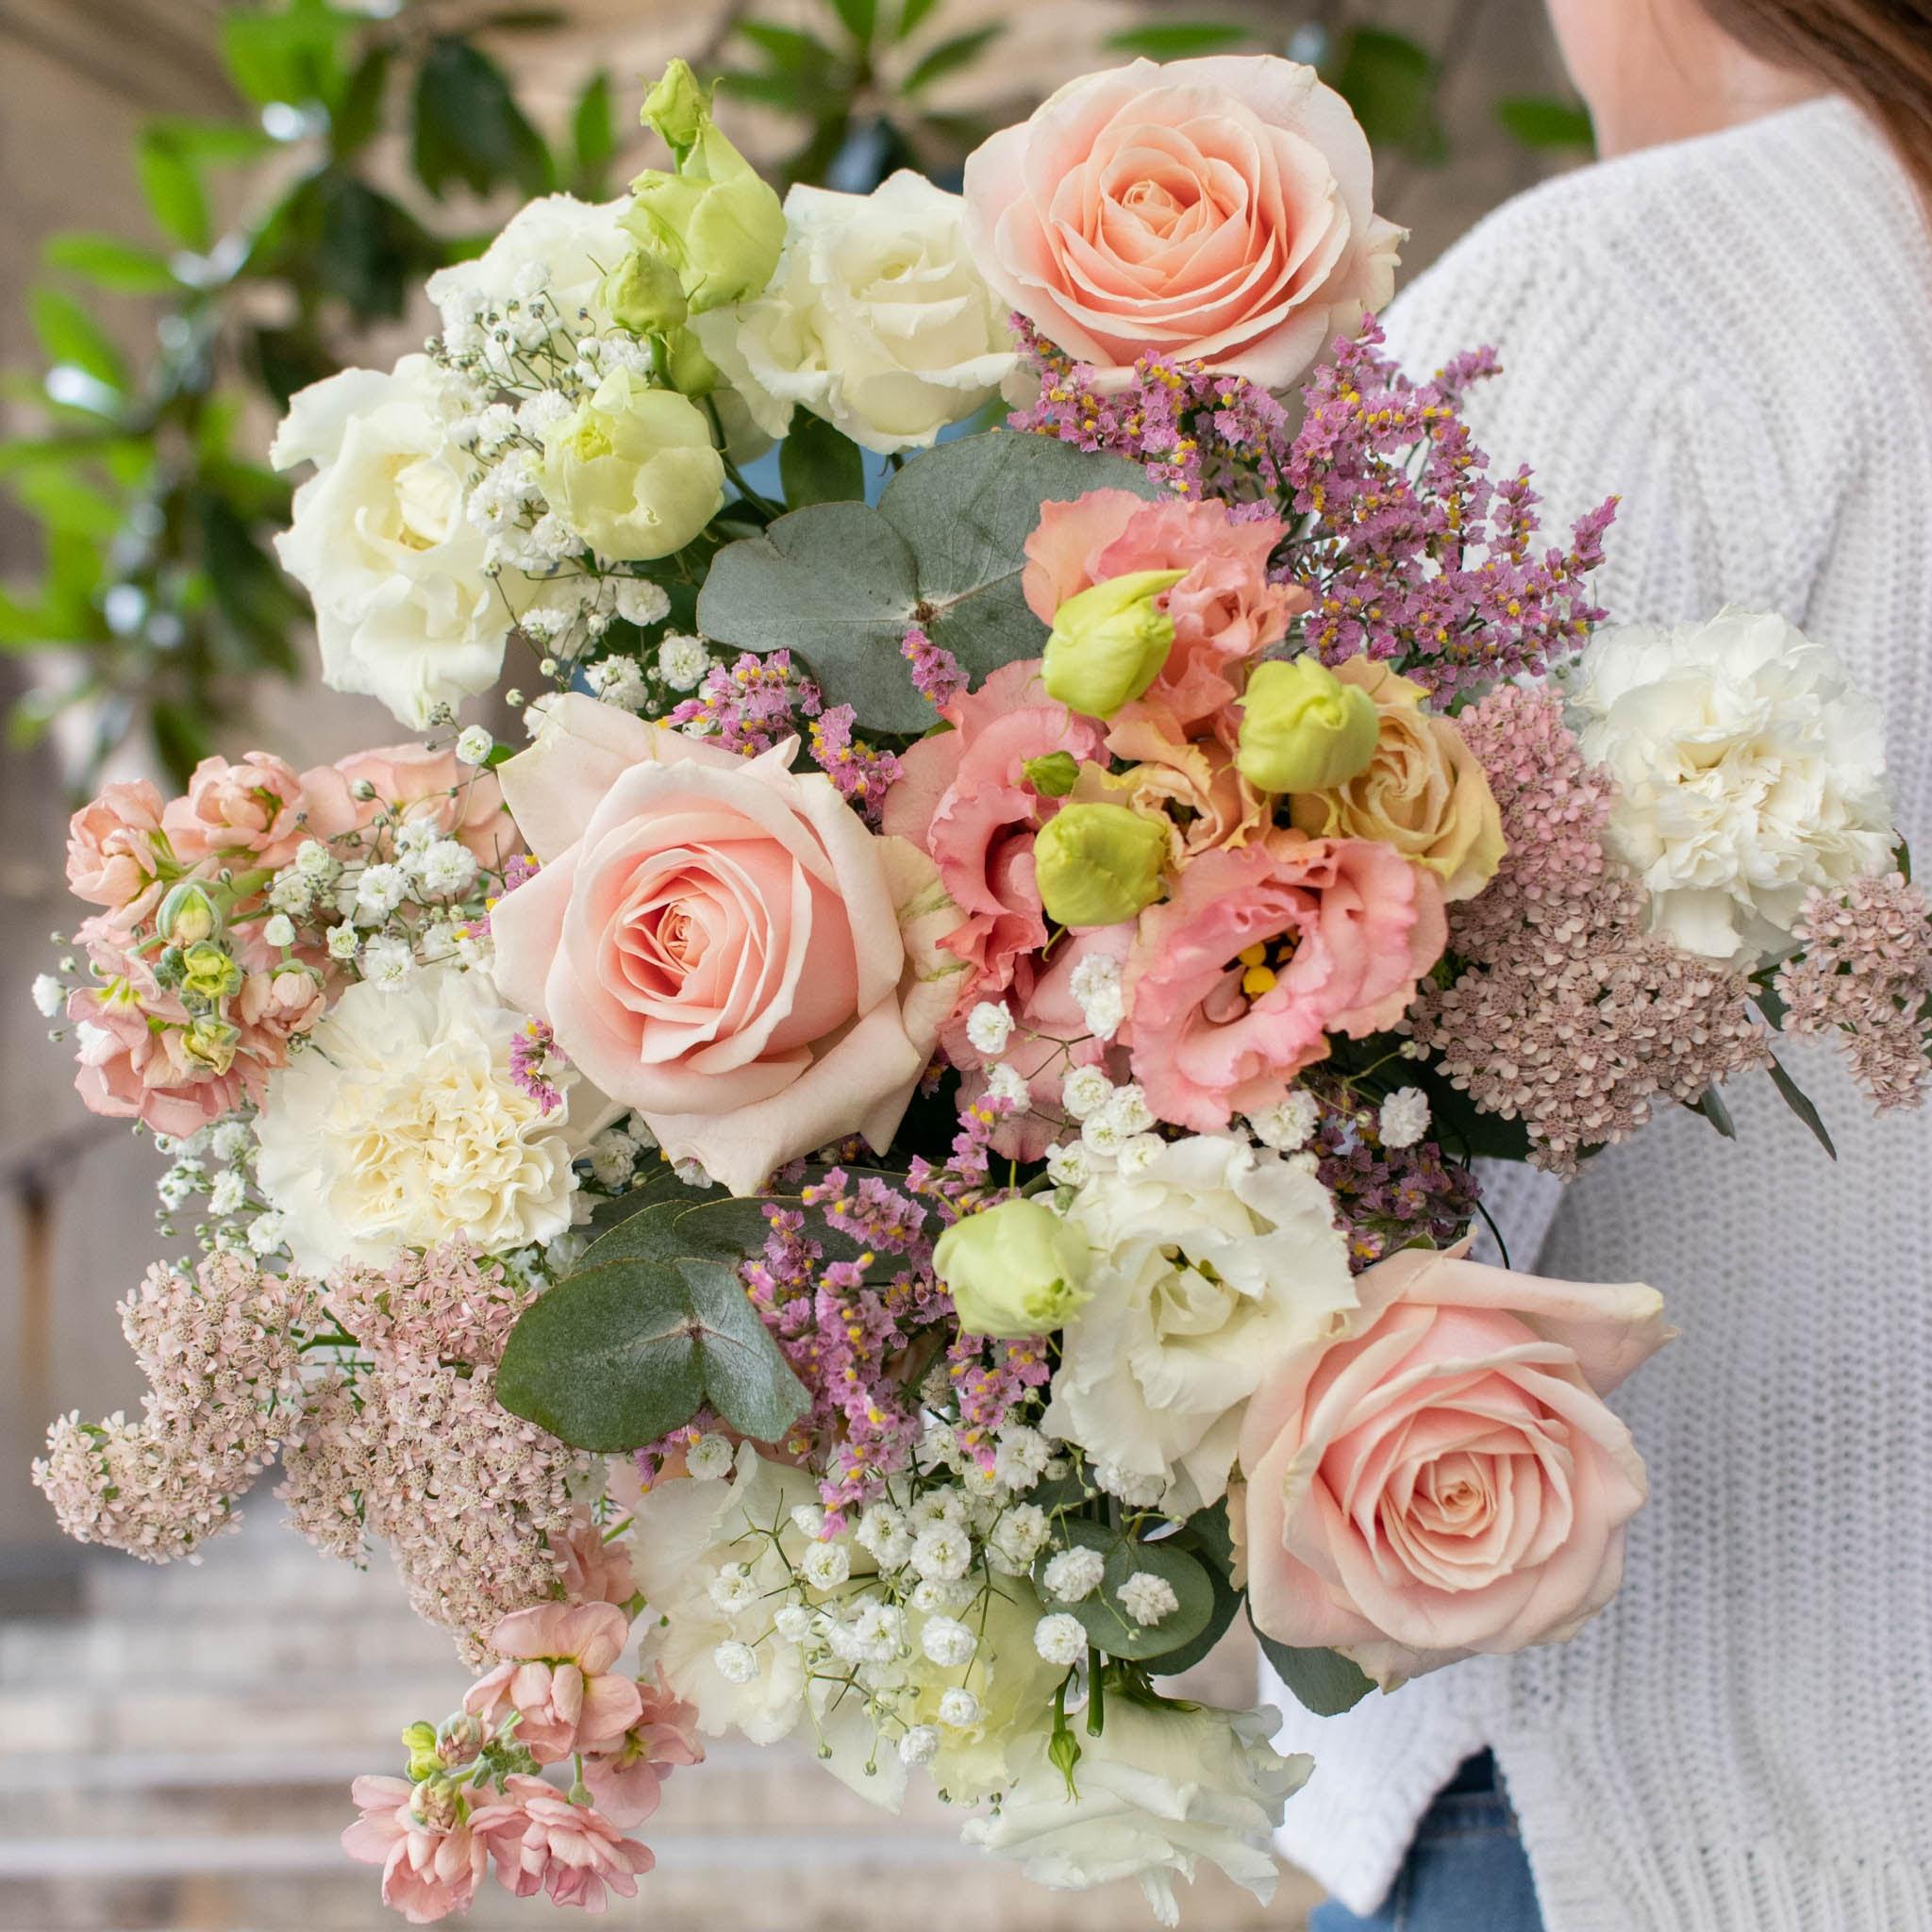 """Blumenstrauß Amalfi - Innerhalb der nächsten zwei Wochen spenden wir pro verkauftem Blumenstrauß 2€ an """"Aktion Deutschland hilft"""" und die Betroffenen der Hochwasser-Katastrophe."""